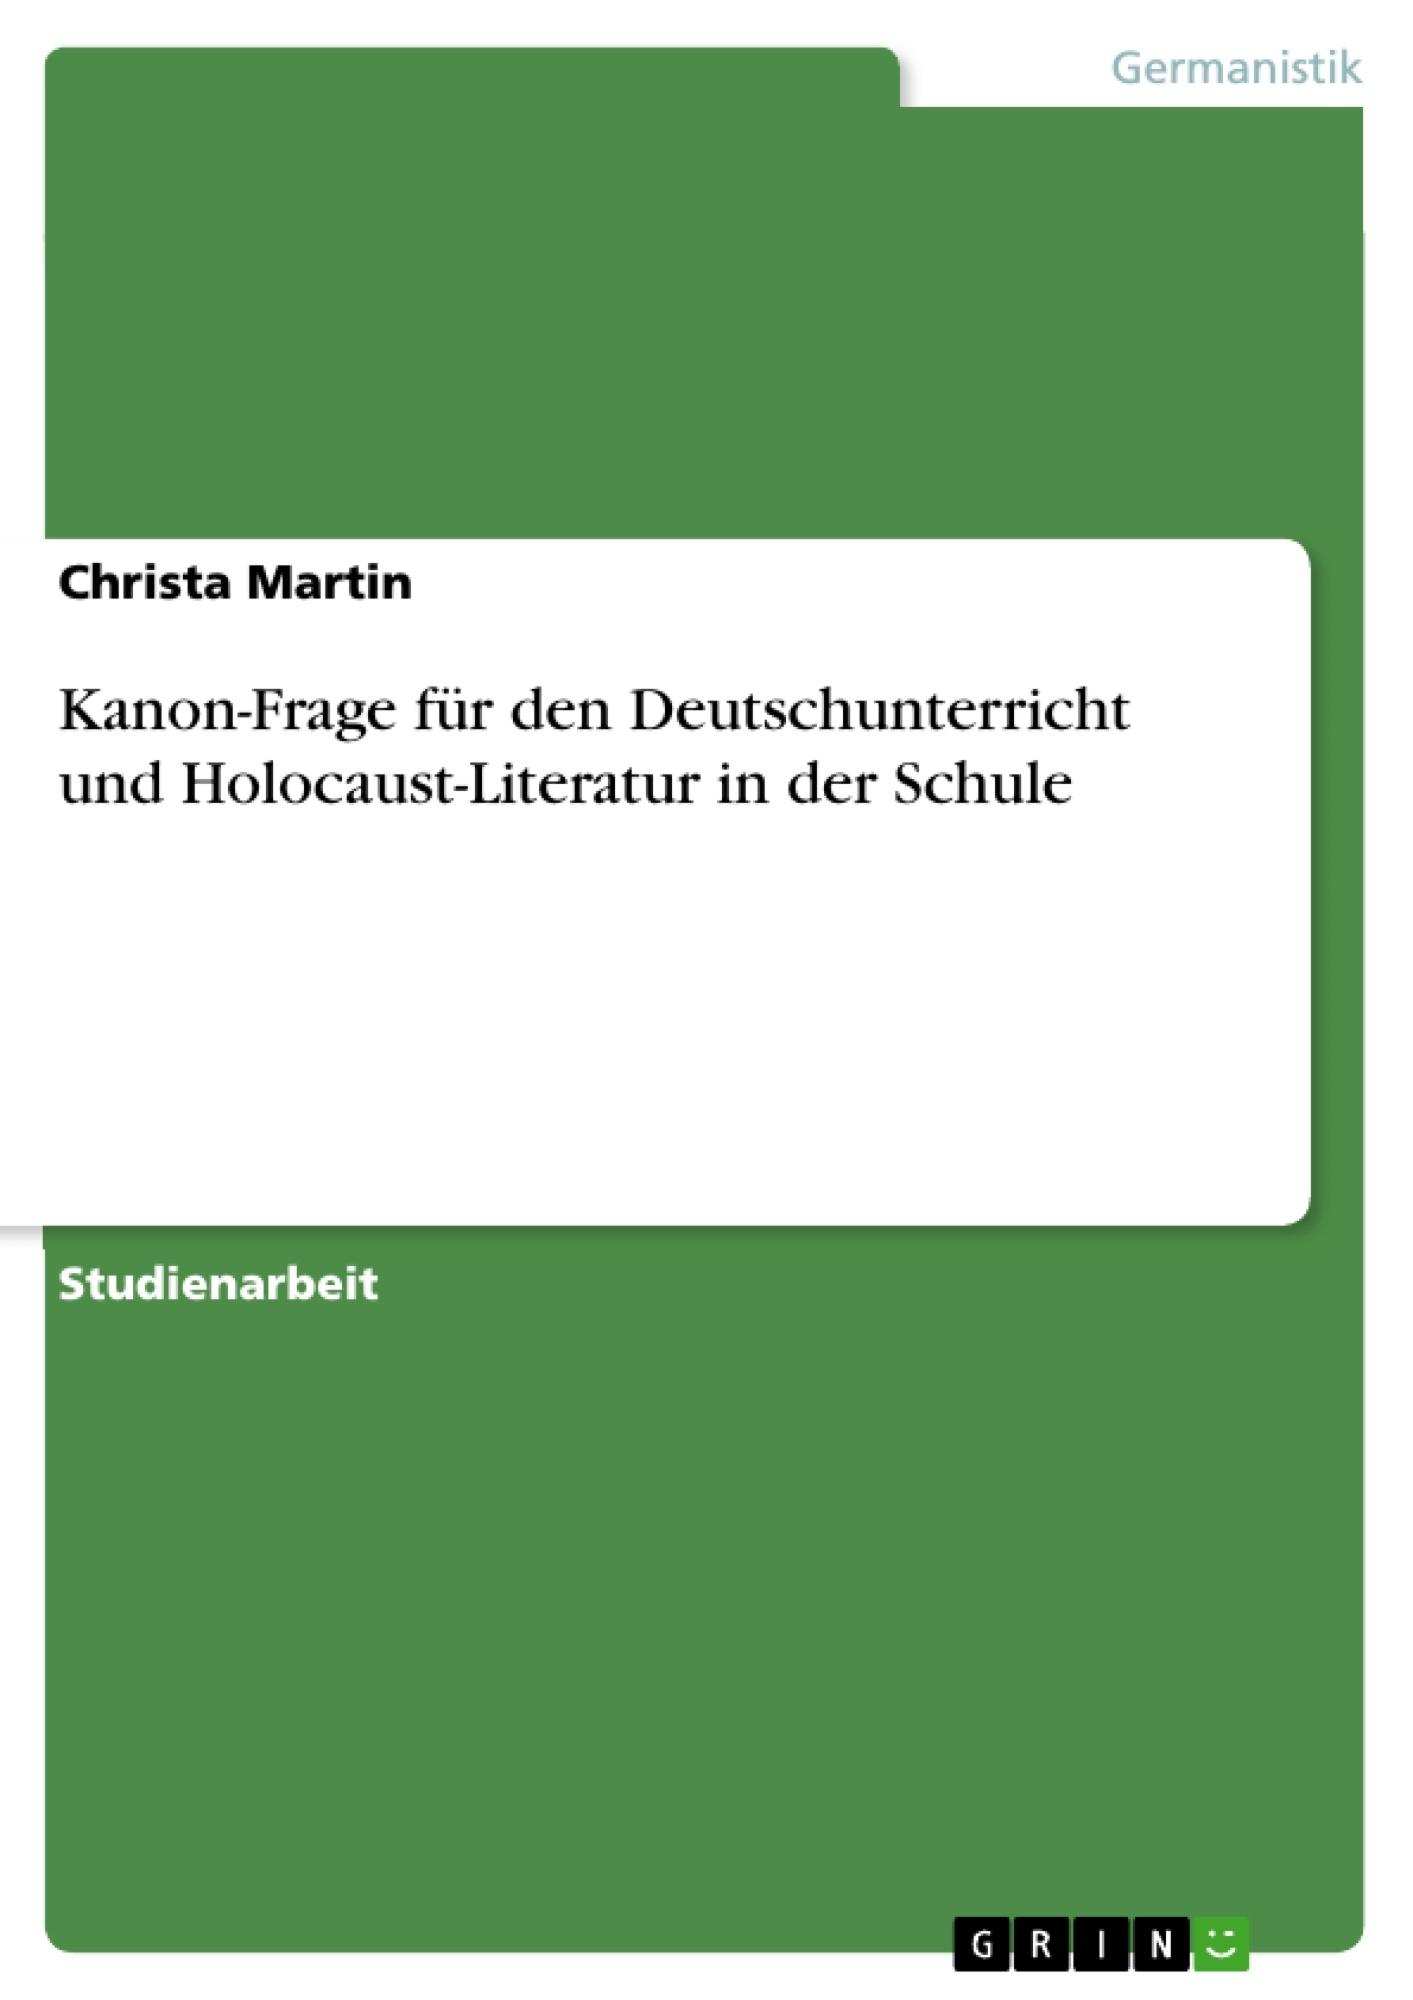 Titel: Kanon-Frage für den Deutschunterricht und Holocaust-Literatur in der Schule